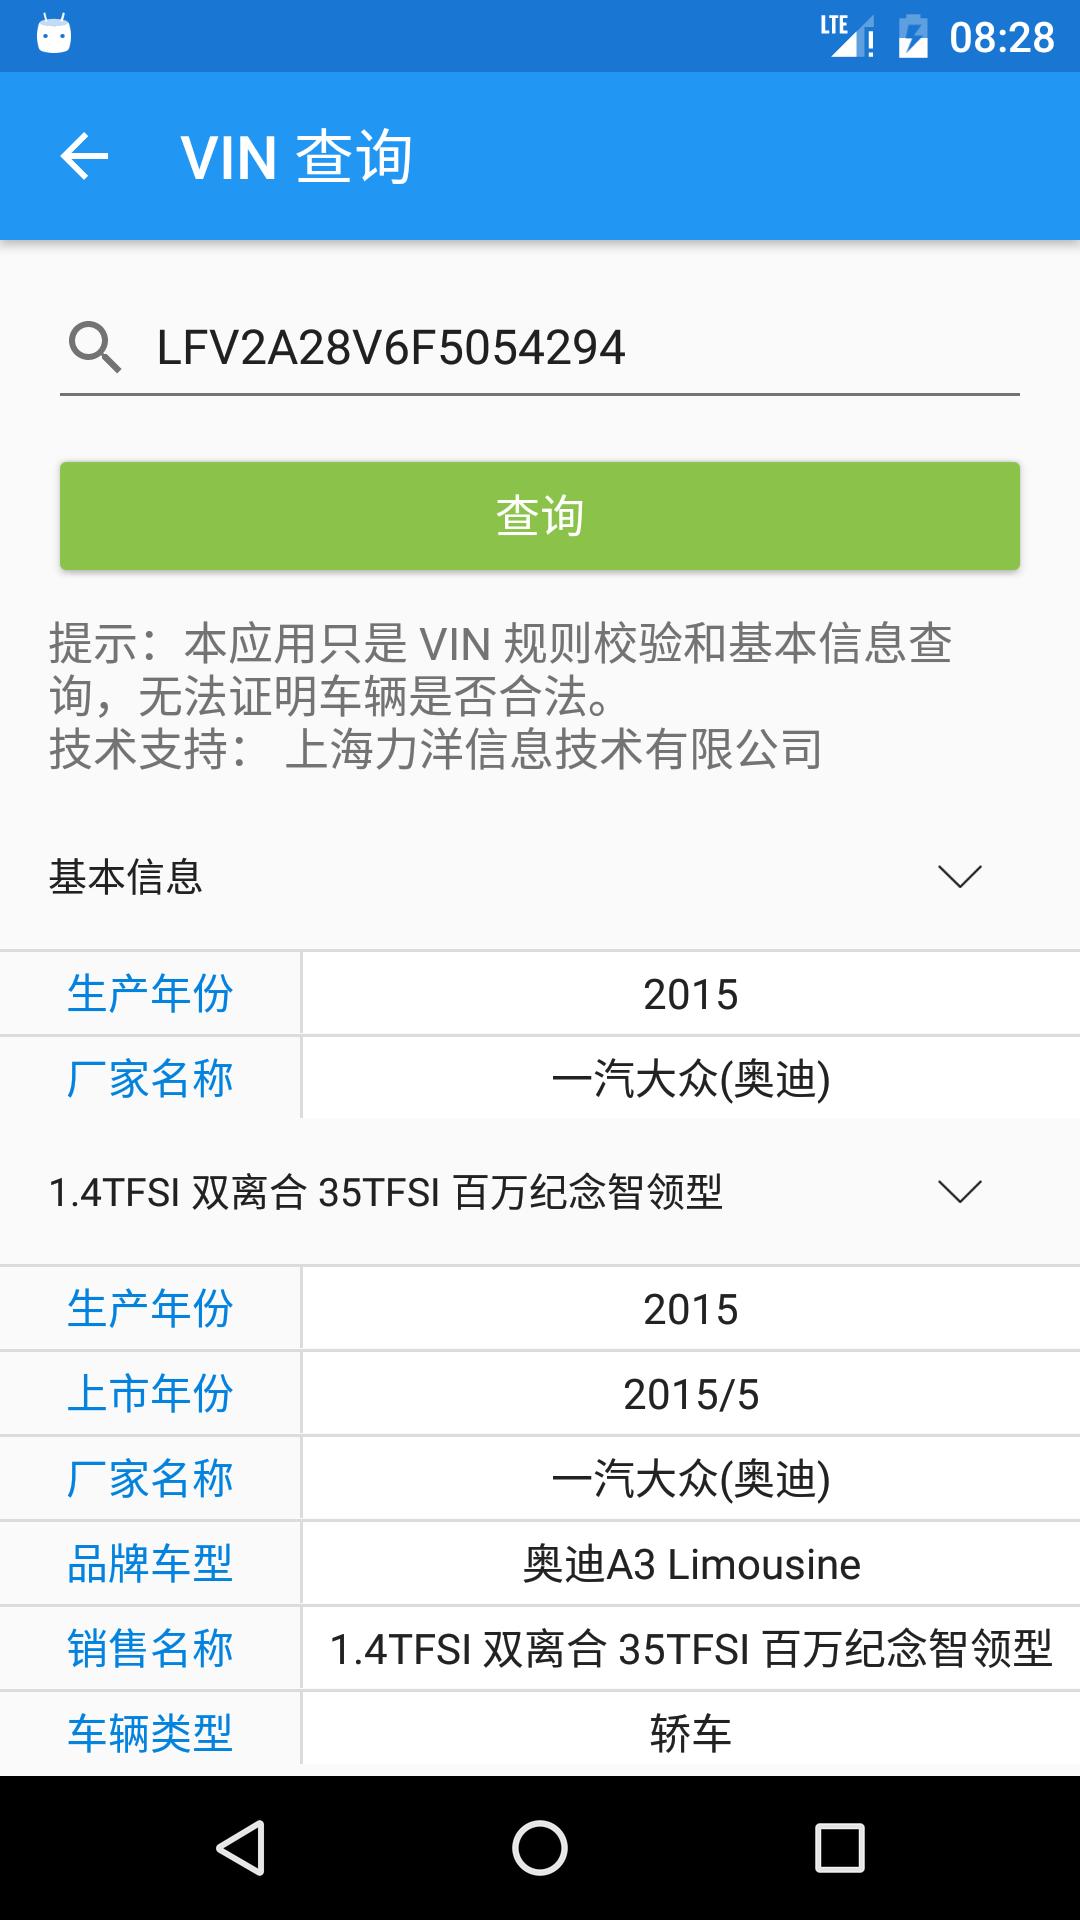 交警助手 V1.1.2 安卓版截图5